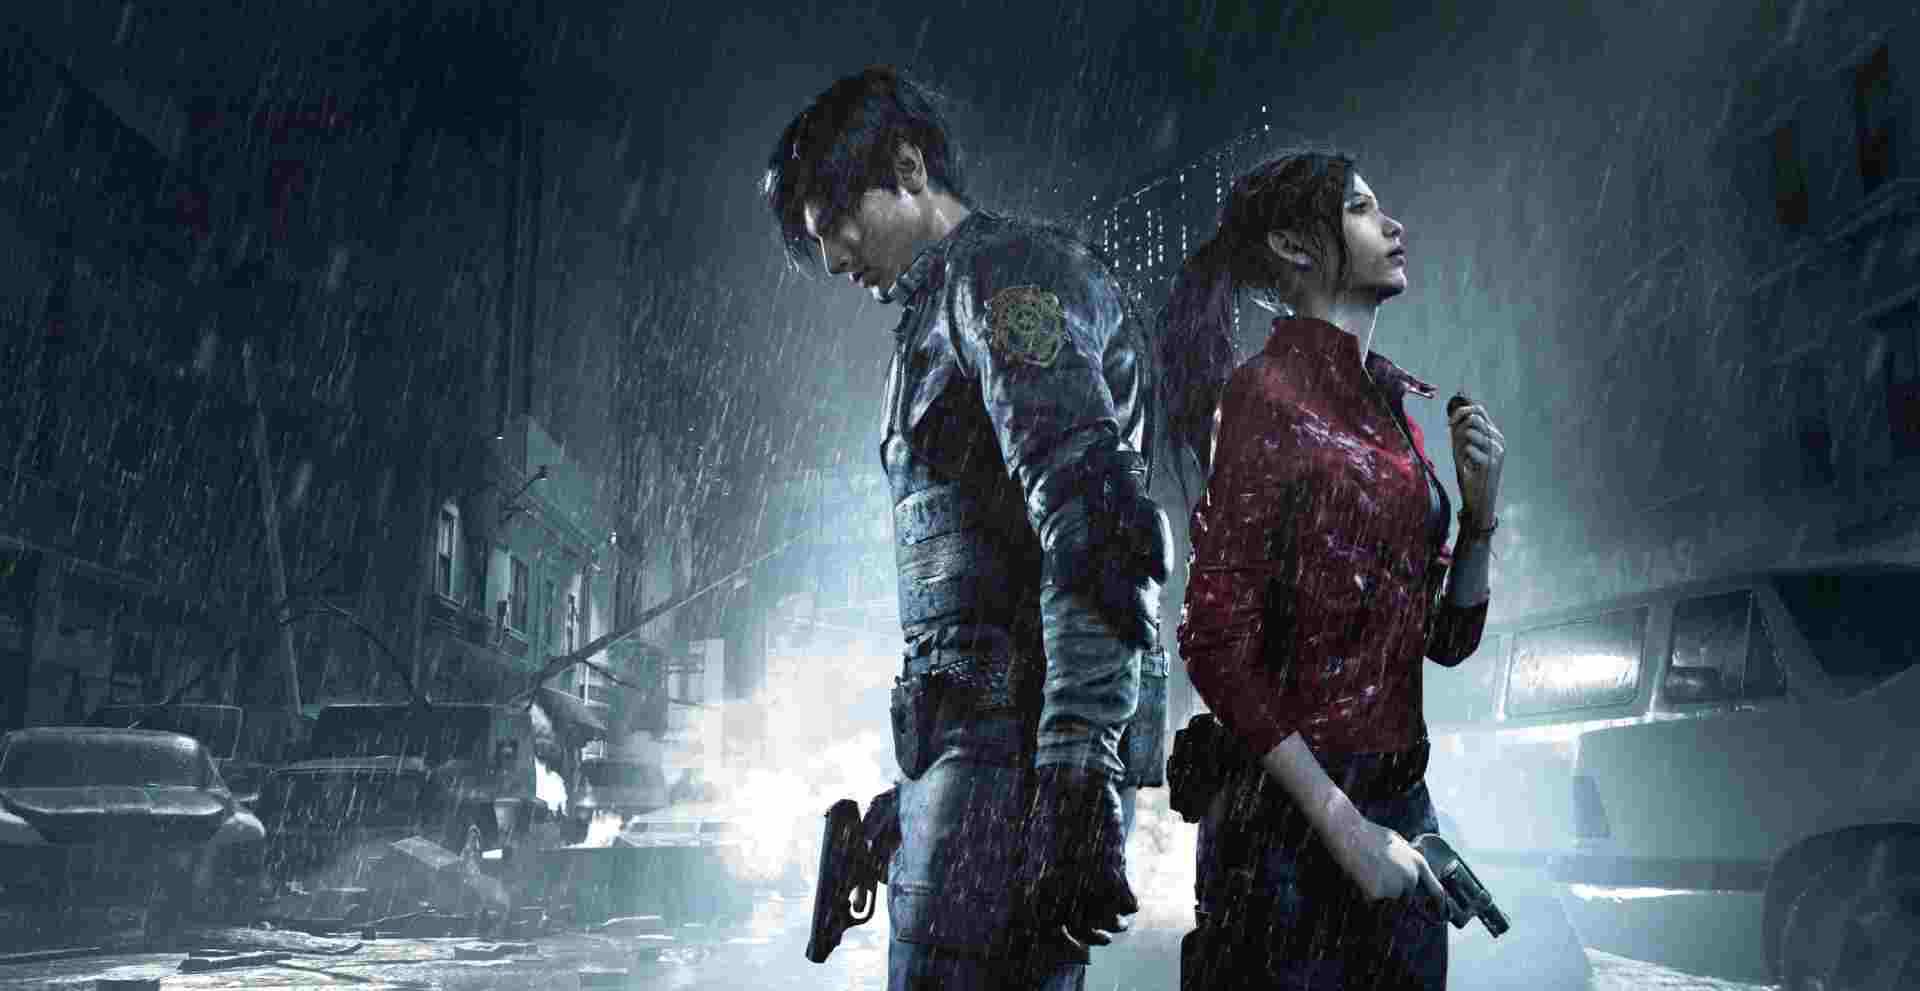 《生化危机 2:重制版》Game Informer 评测 9.5 分